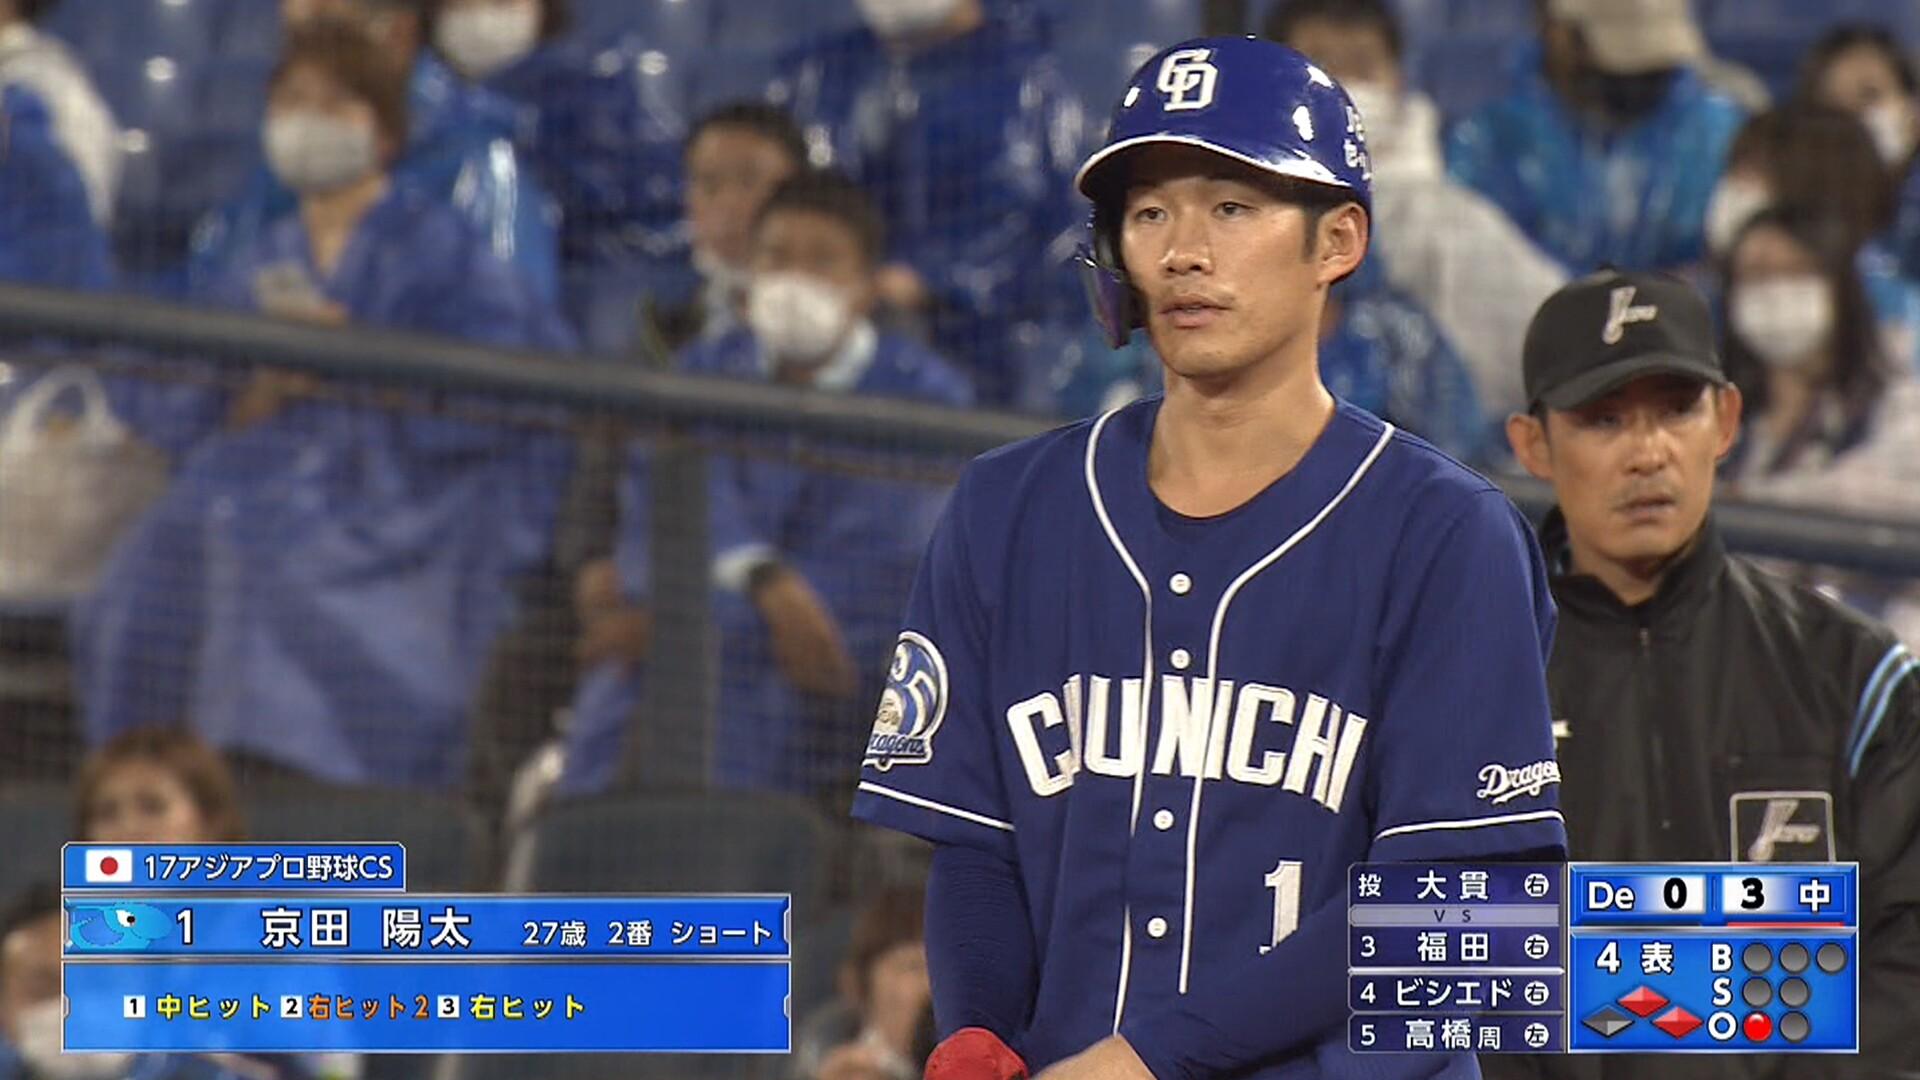 京田、2試合連続猛打賞www 6打席連続ヒットwwwwww